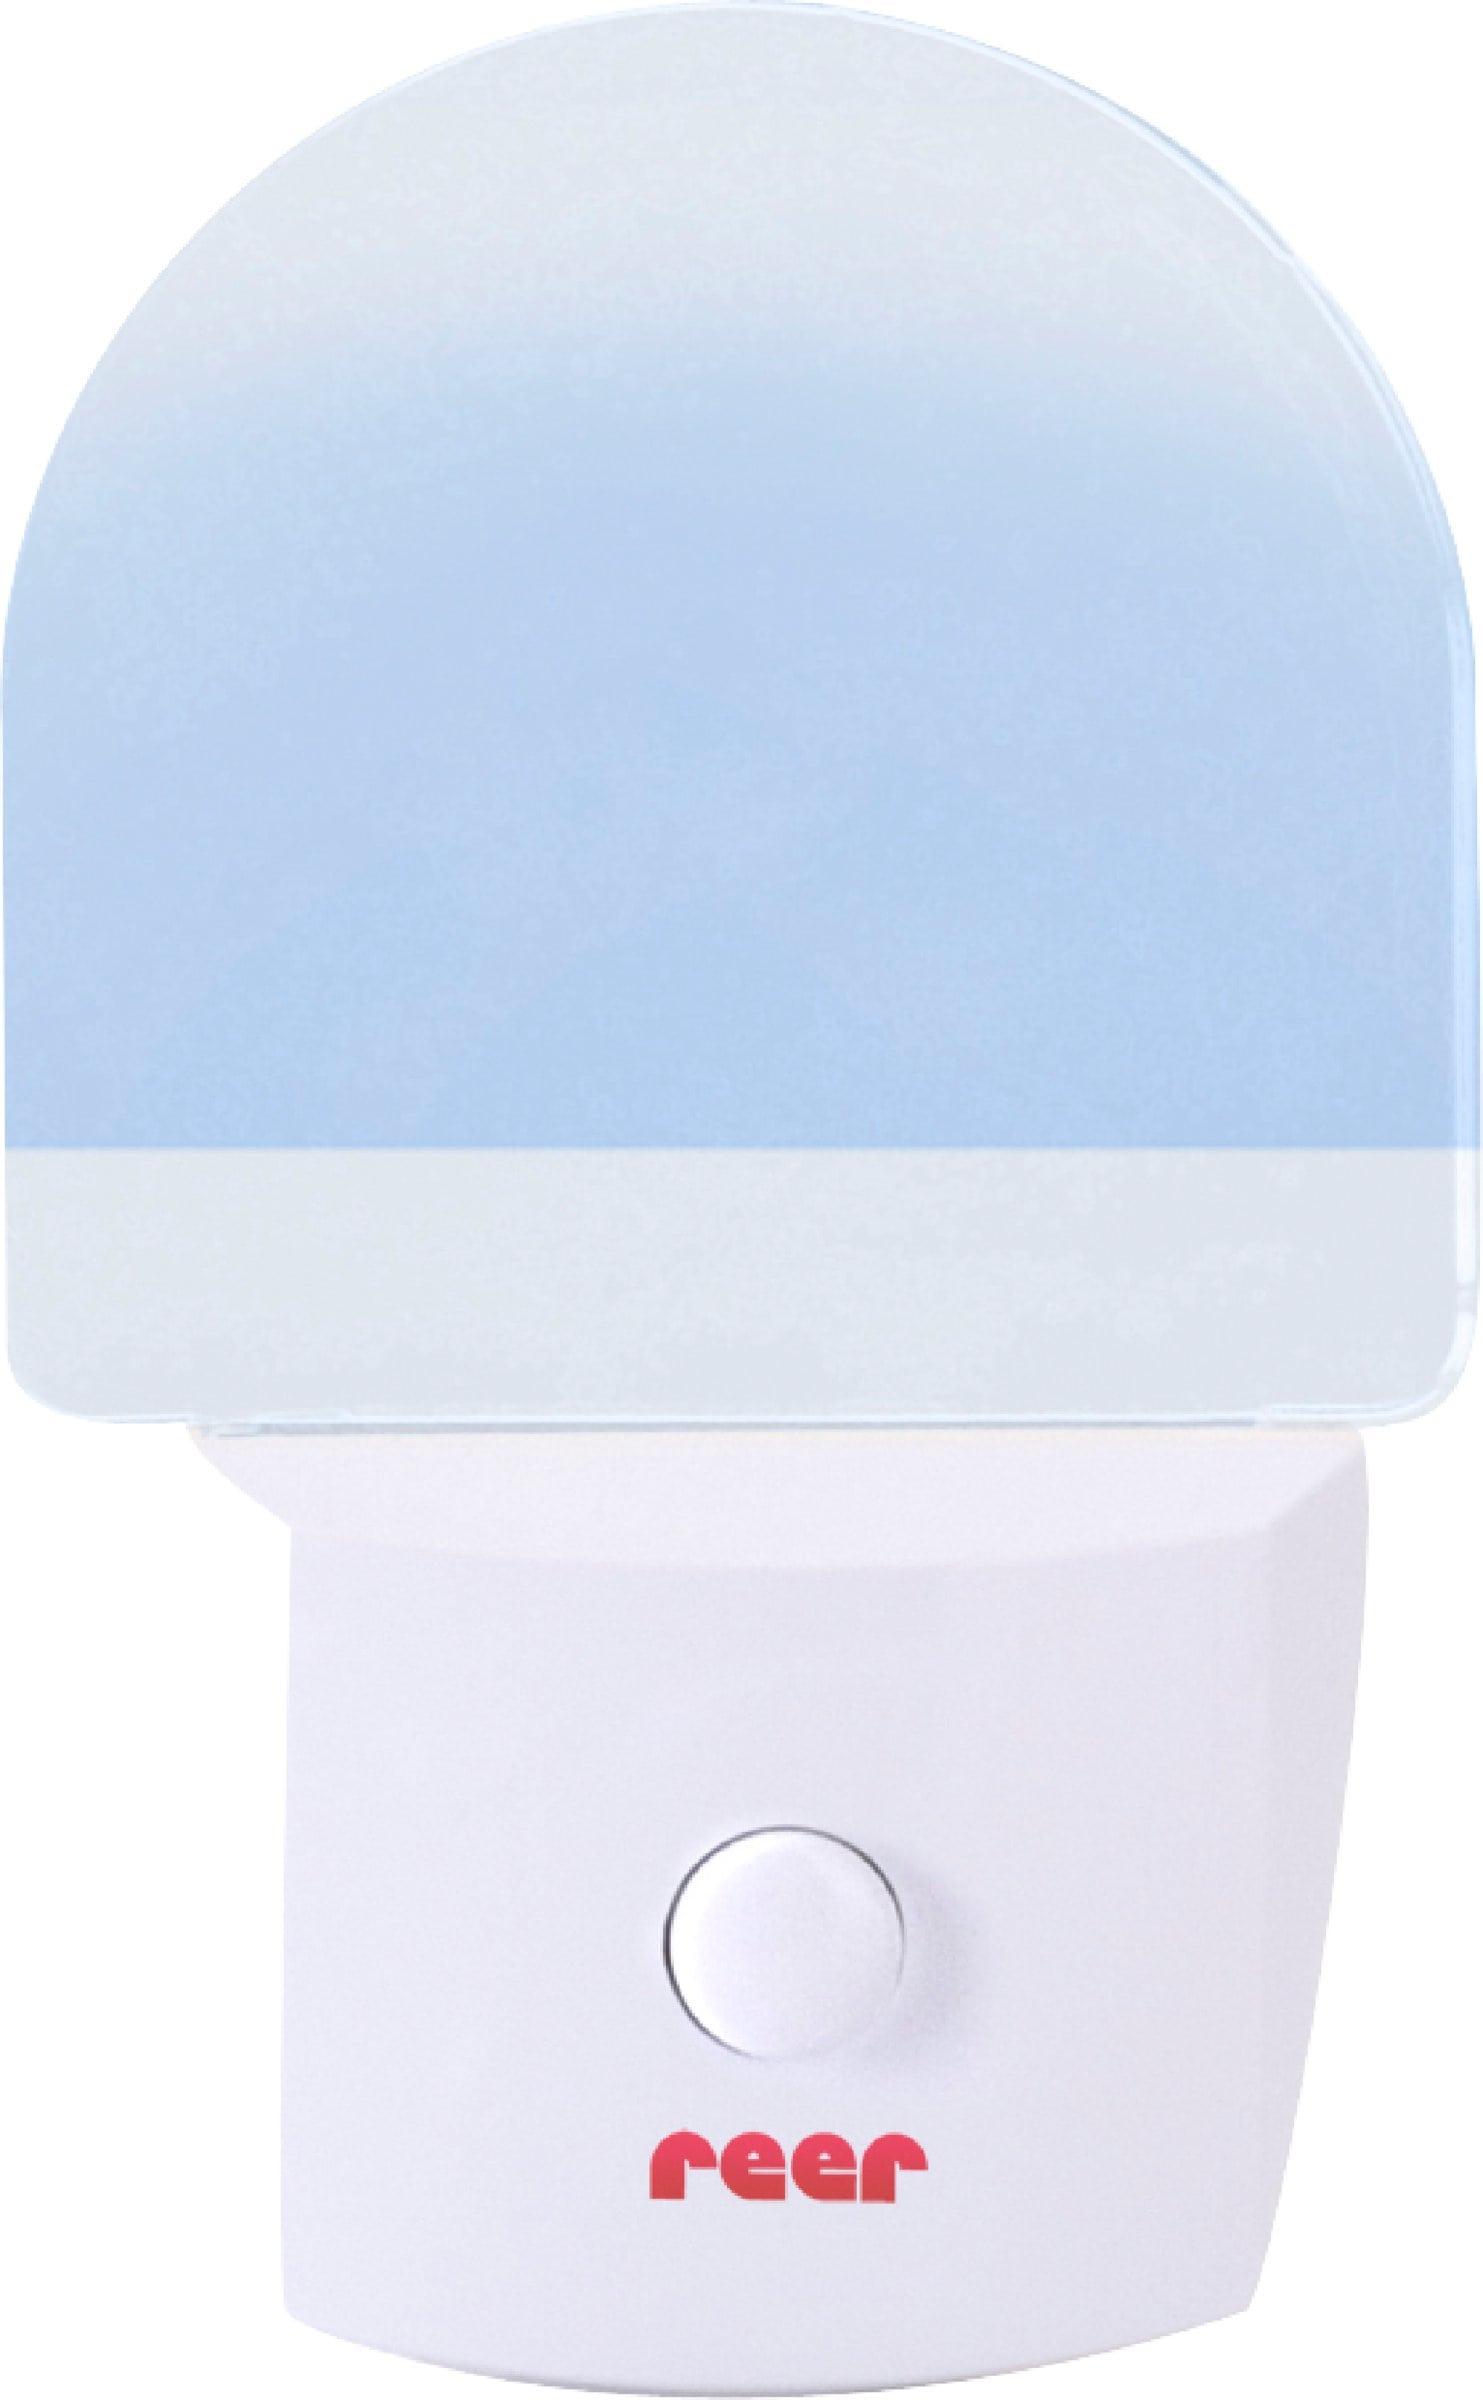 Reer LED-Nachtlicht Ein/Aus Schalter